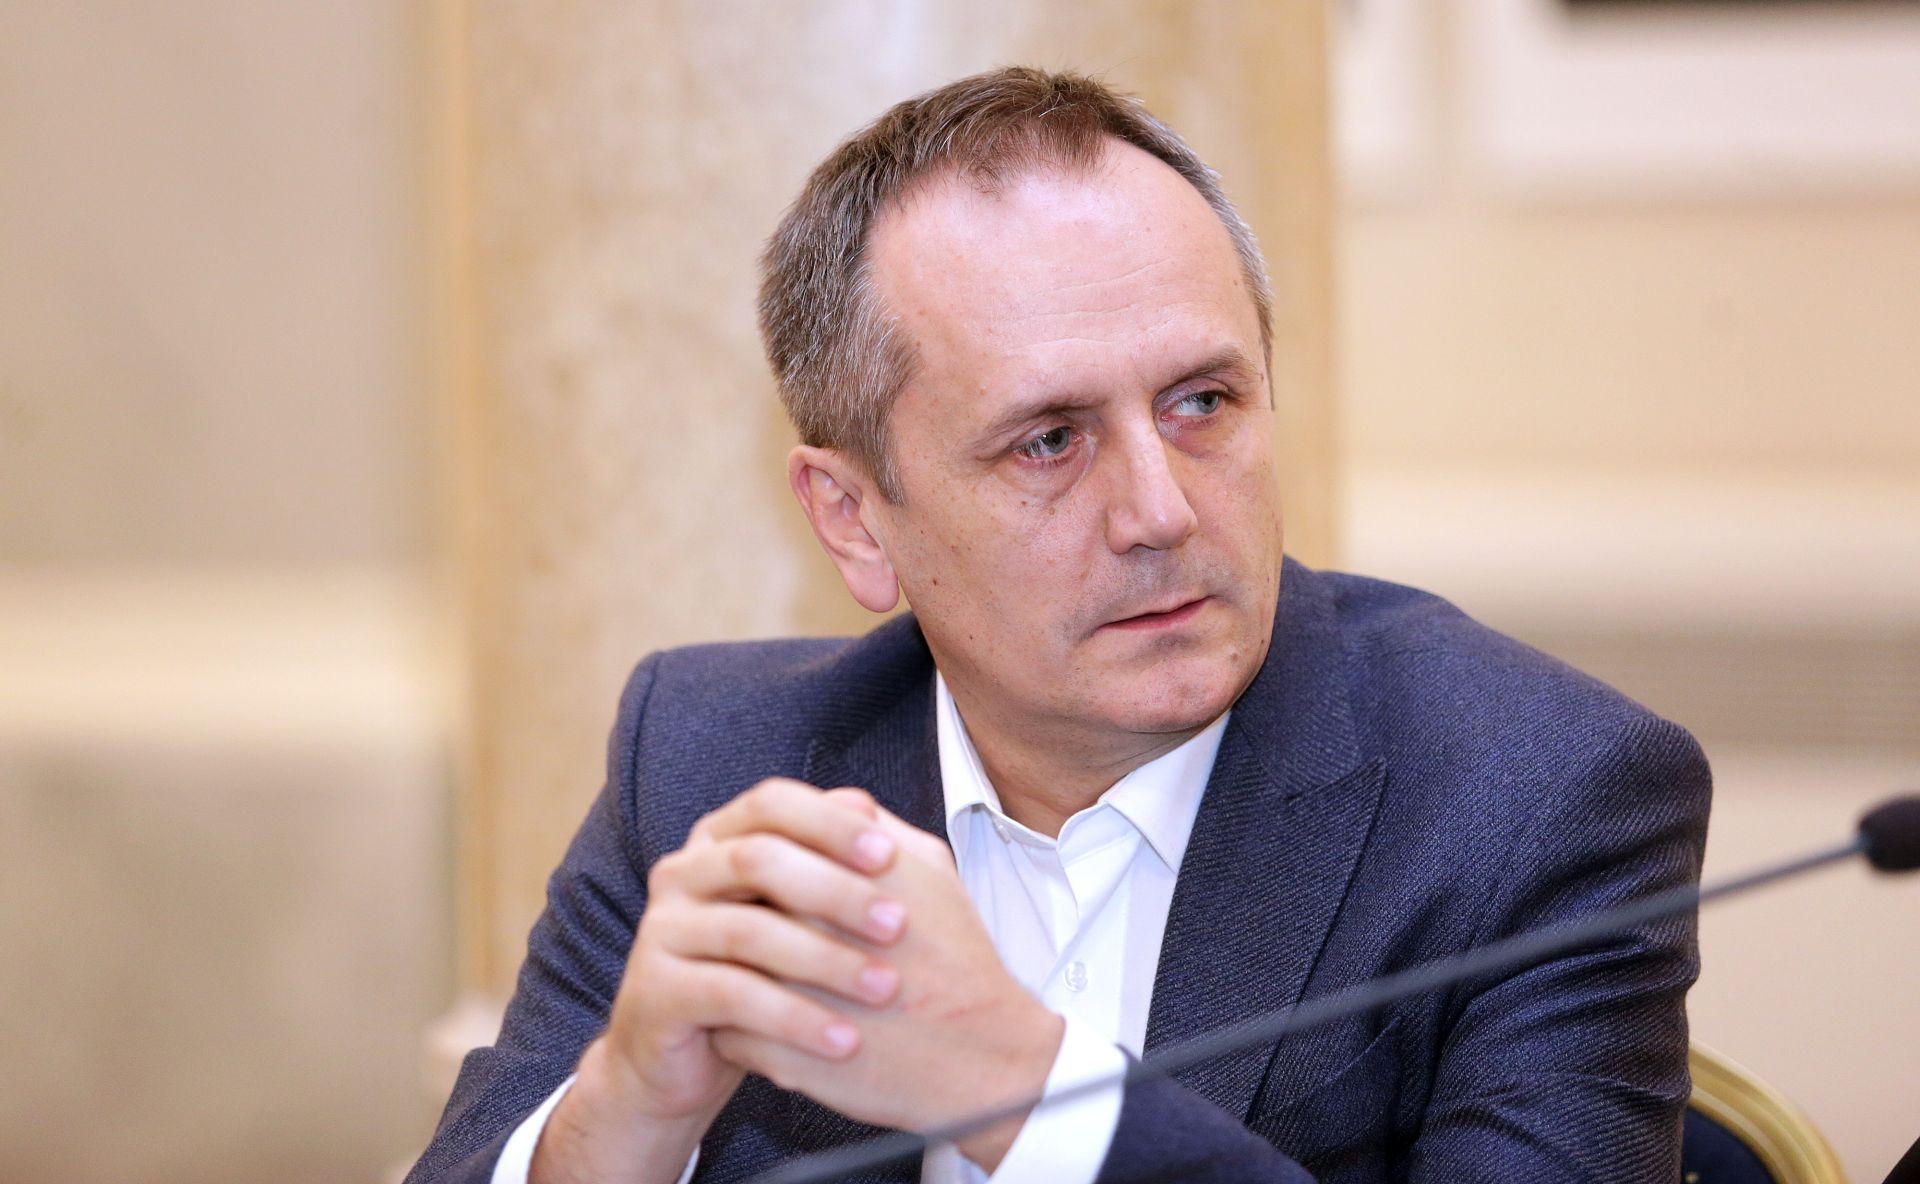 DRAGO PRGOMET: 'HDZ-u su dovoljna dva mjeseca kampanje'